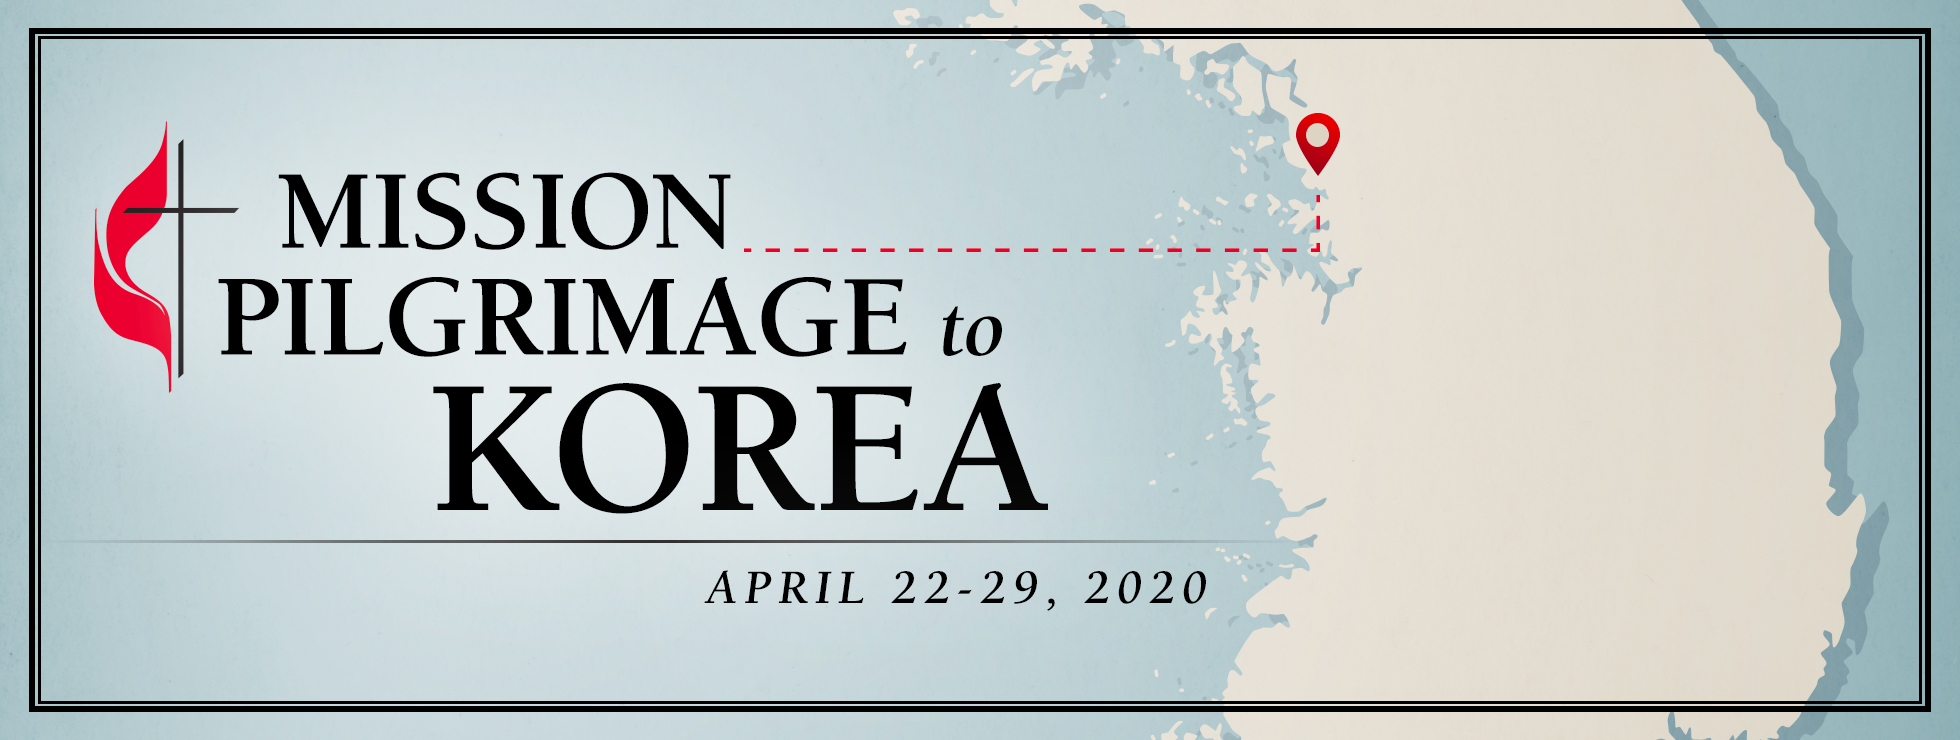 Mission pilgrimage korea 2020